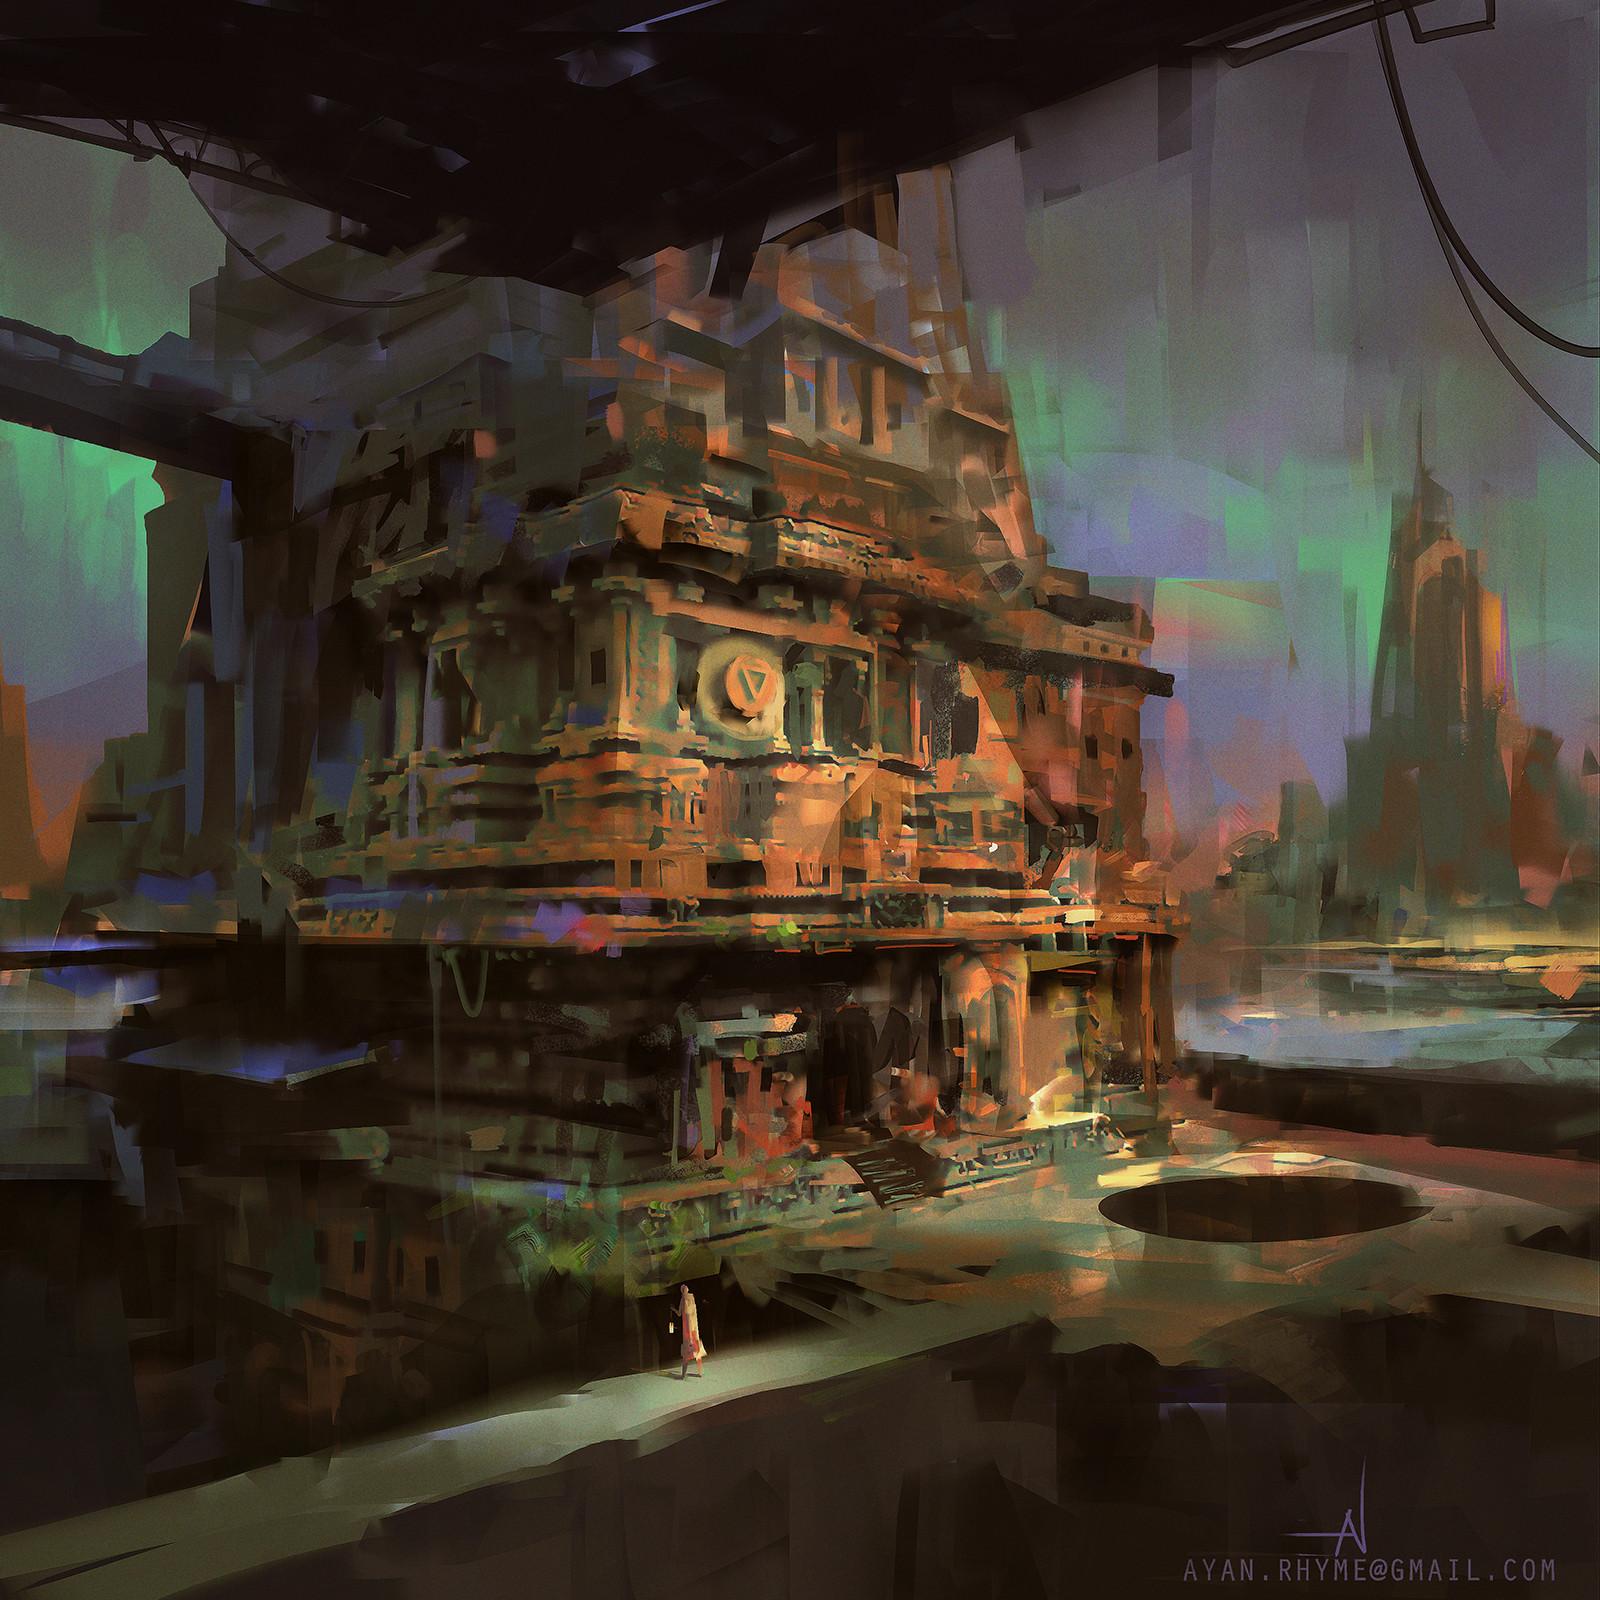 Ayan nag temple ruins 2 by ayan nag lr